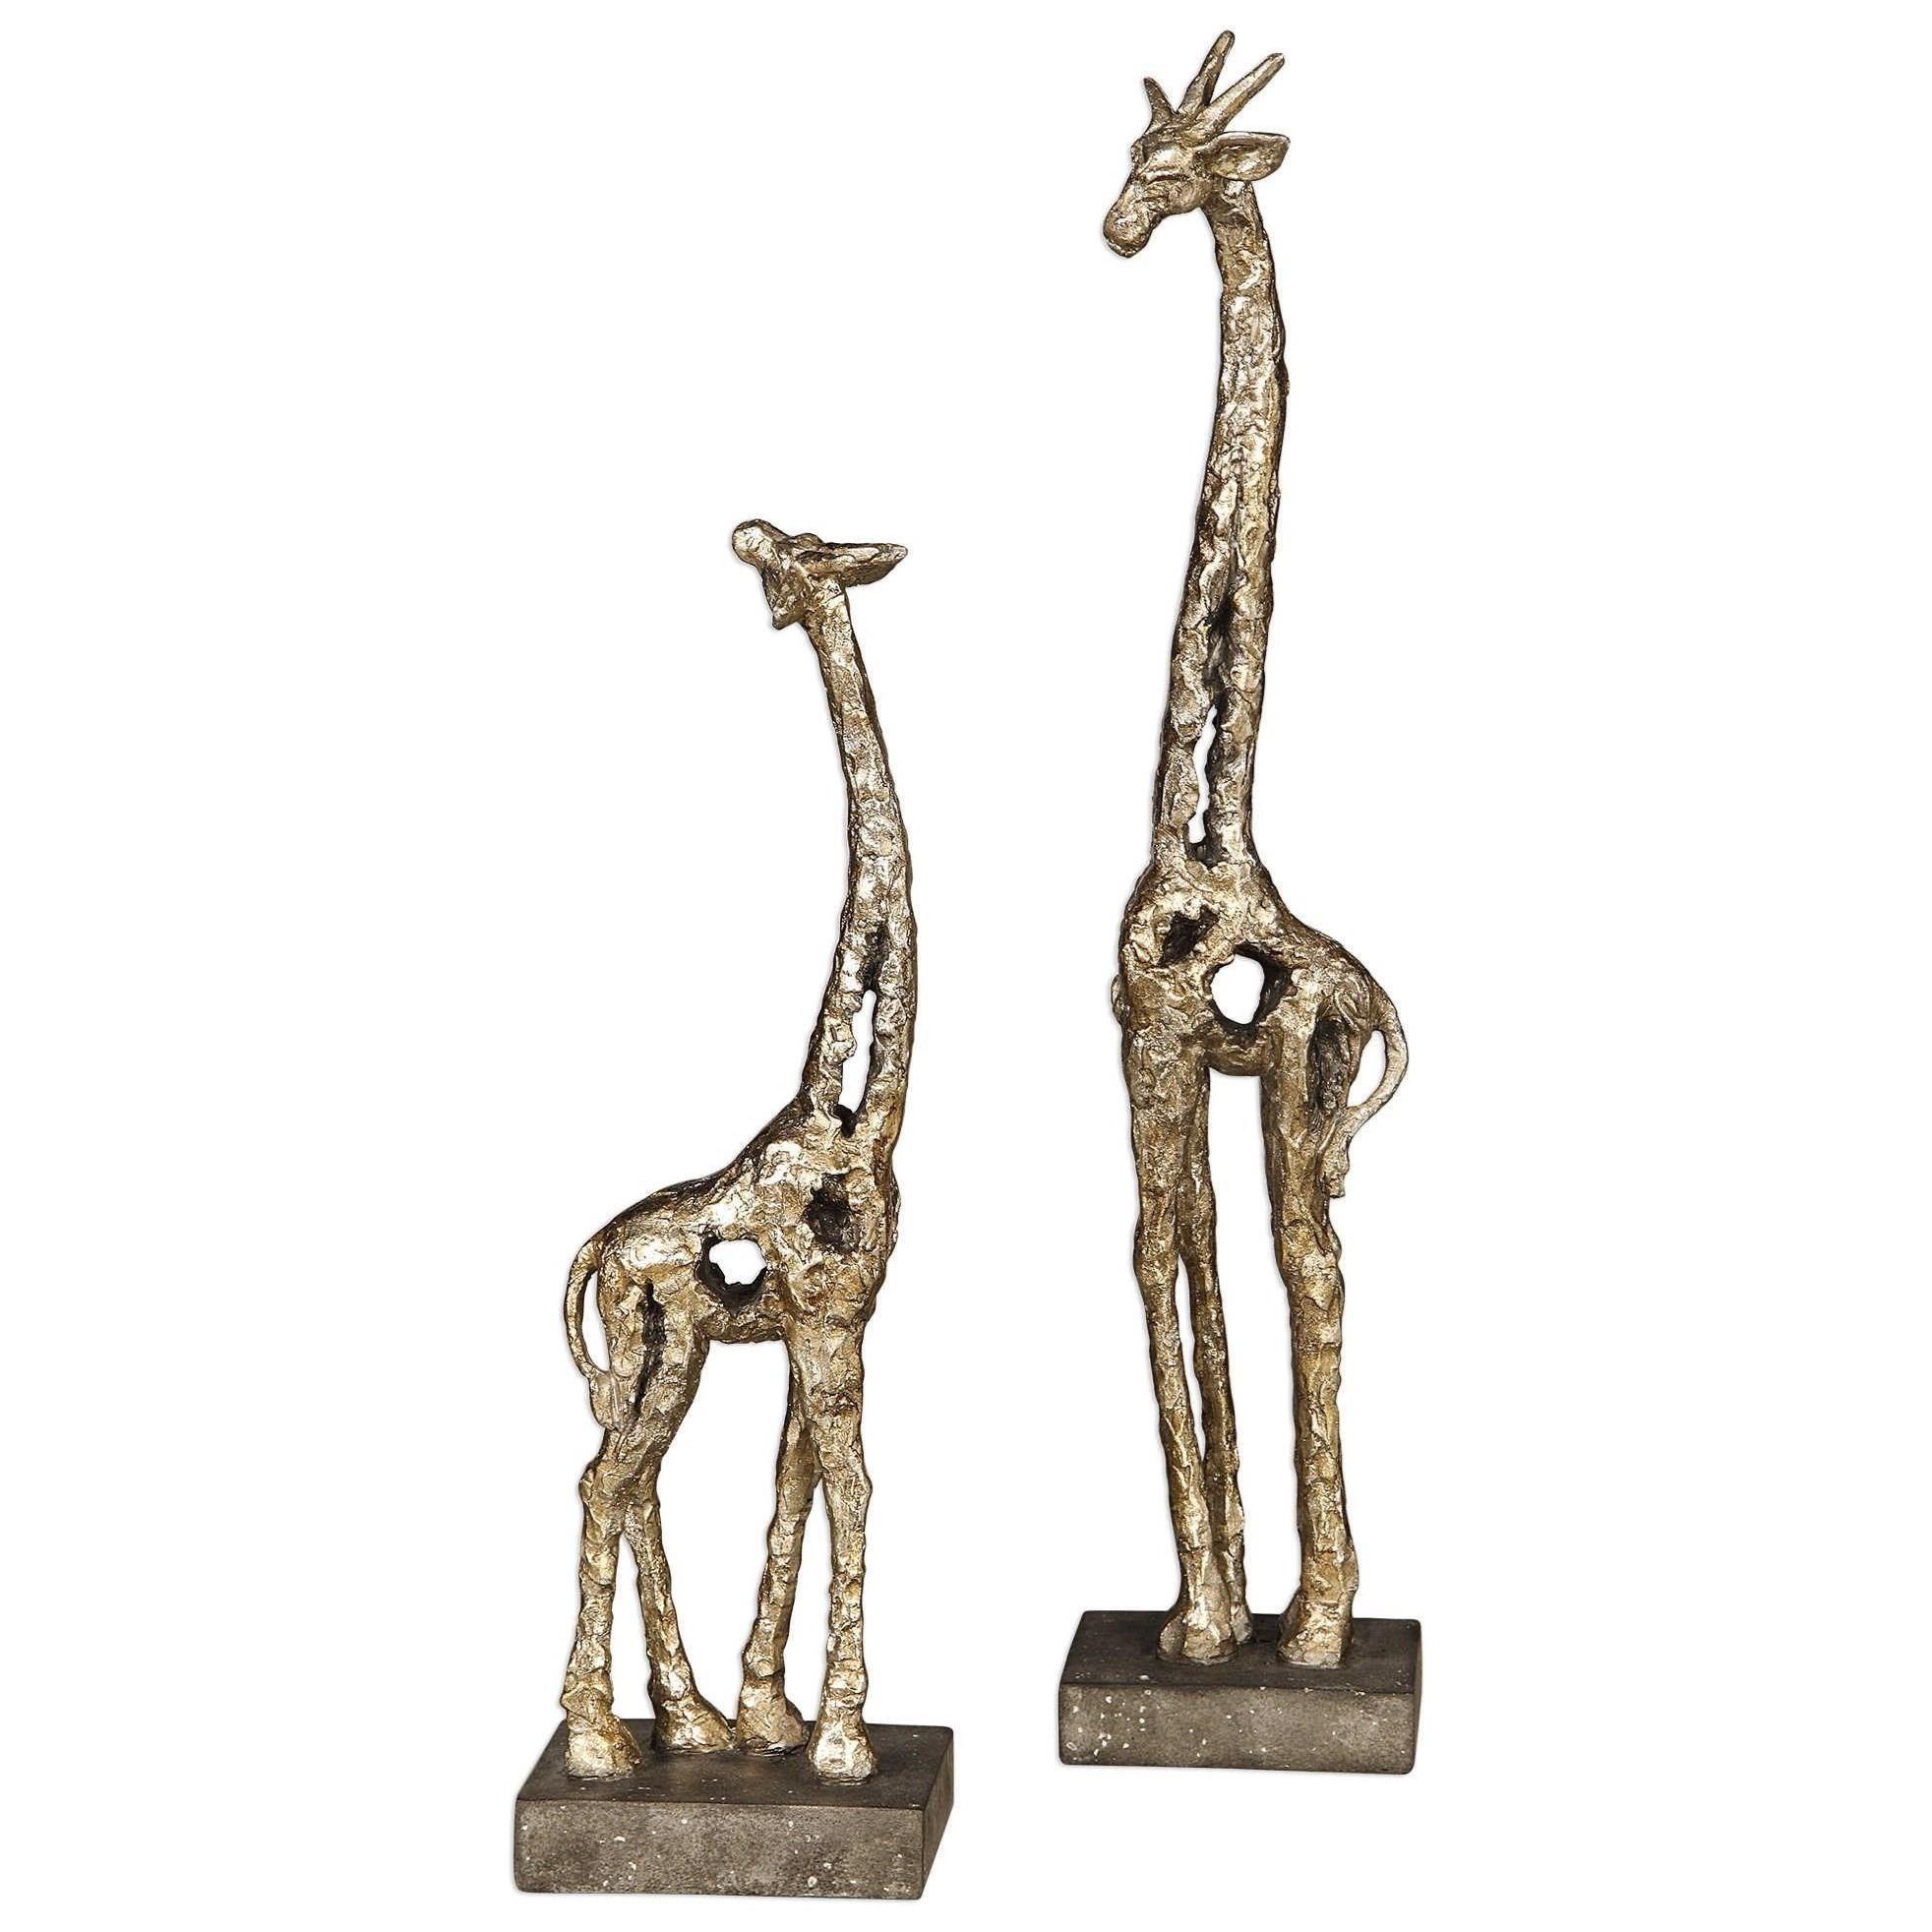 Accessories - Statues and Figurines Masai Giraffe Figurines, S/2 at Becker Furniture